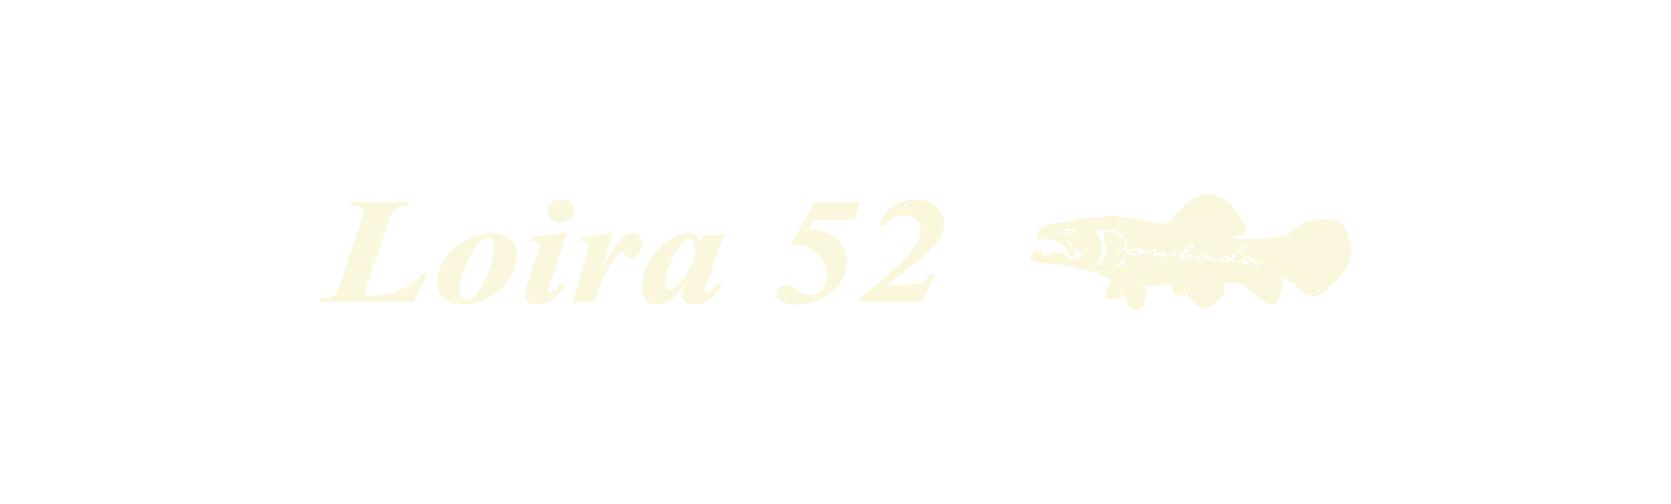 Loira52